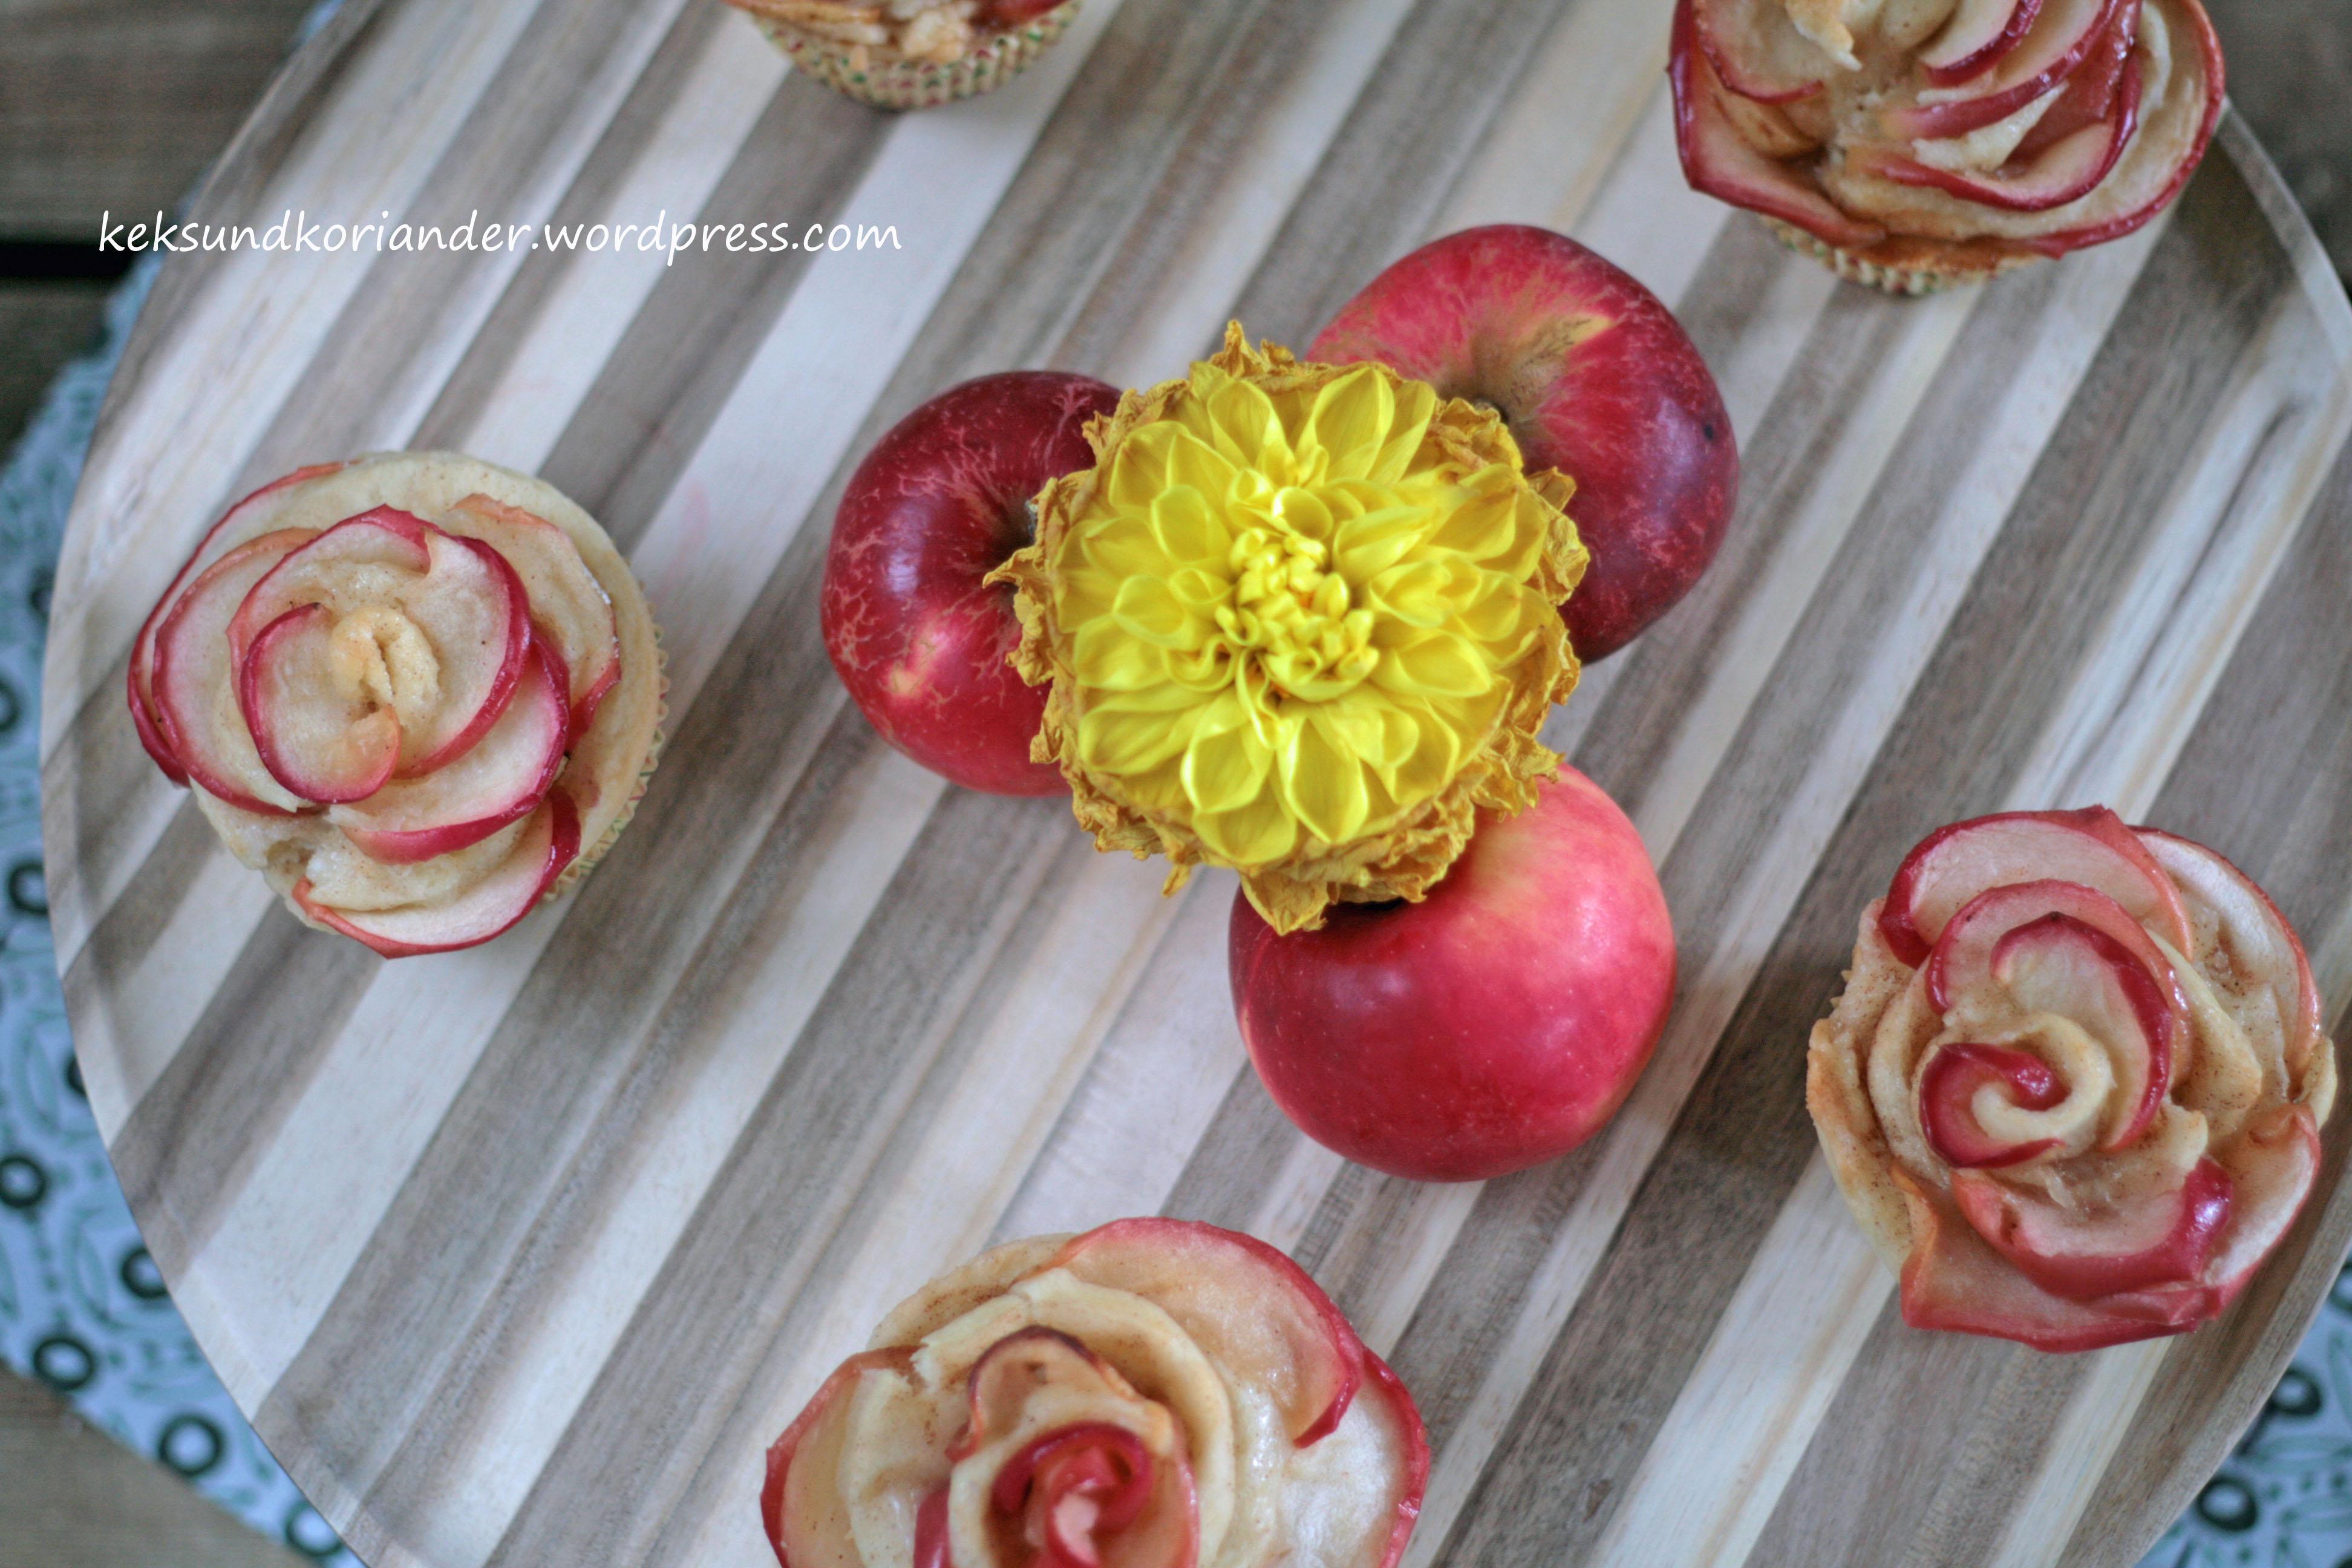 Apfelblumen Muffins Schnecken Joghurt-Öl-Teig Zimt3